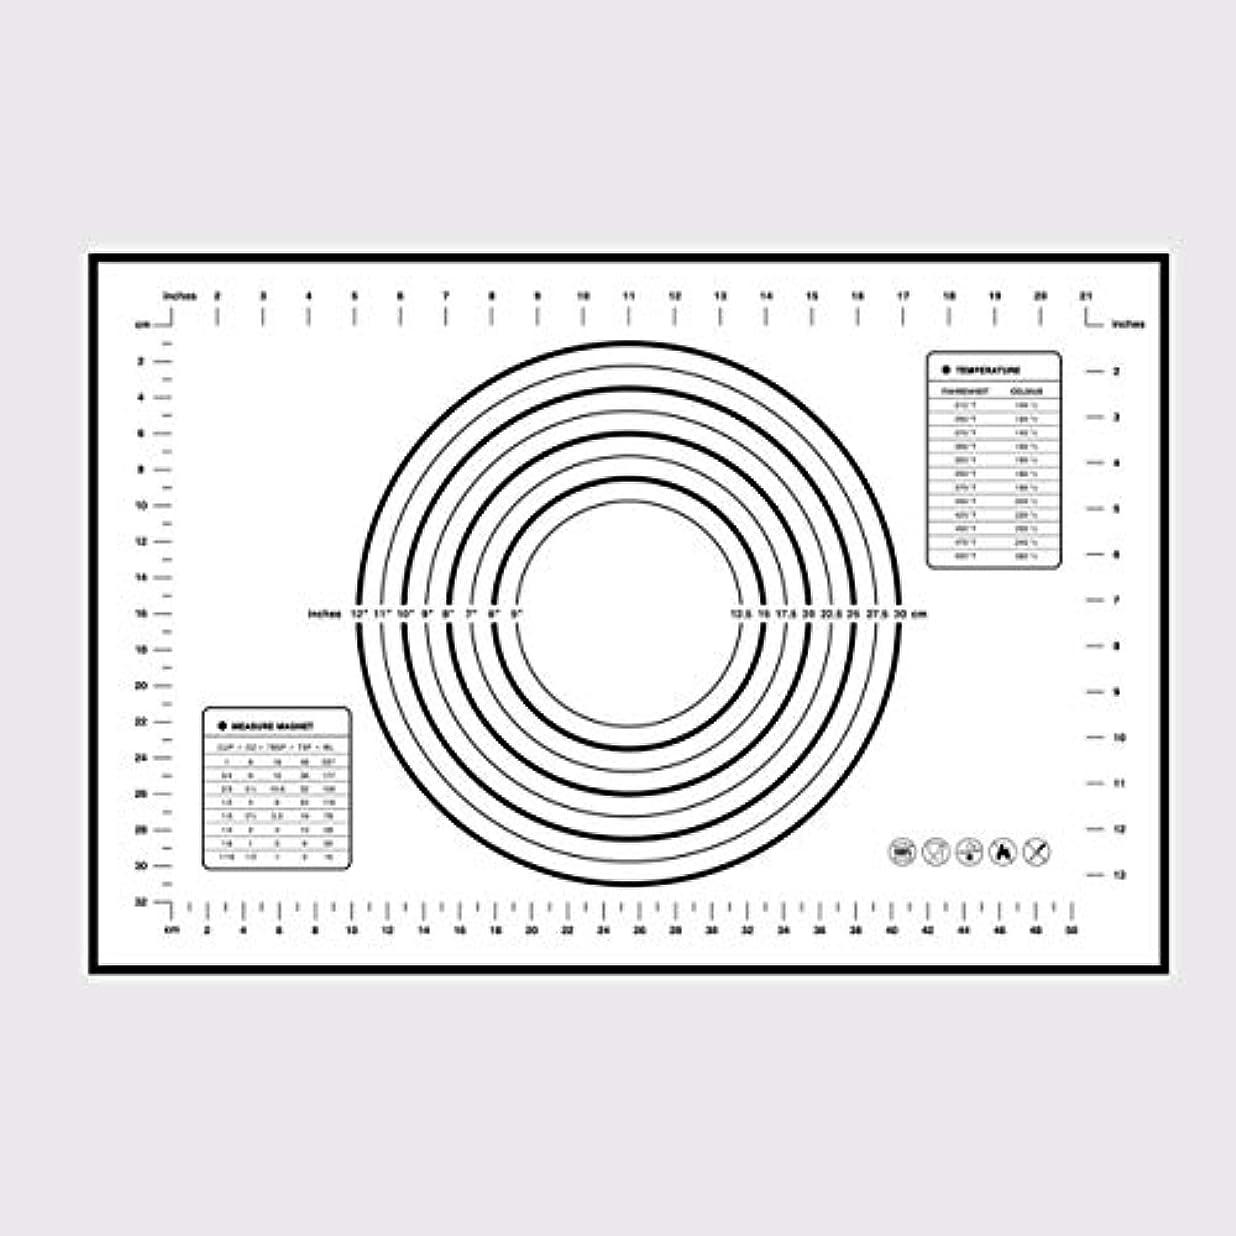 ブラジャー悪用例Saikogoods シリコンベーキングマットピザ生地メーカーペストリーキッチンガジェットクッキングツール食器耐熱皿混練アクセサリー